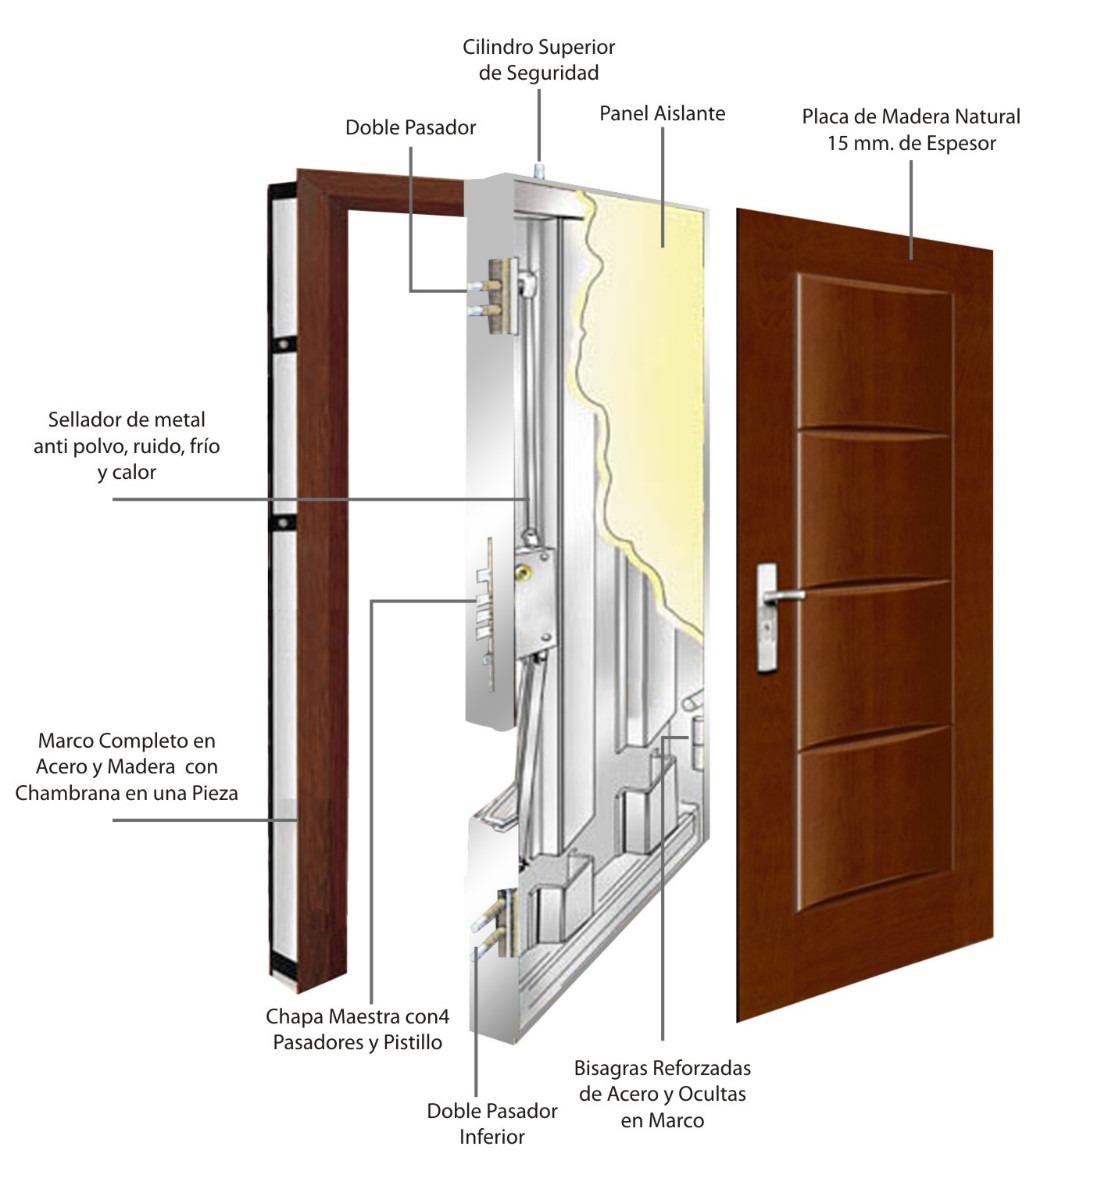 Edificios y el robo de la puerta de seguridad for Puertas seguridad